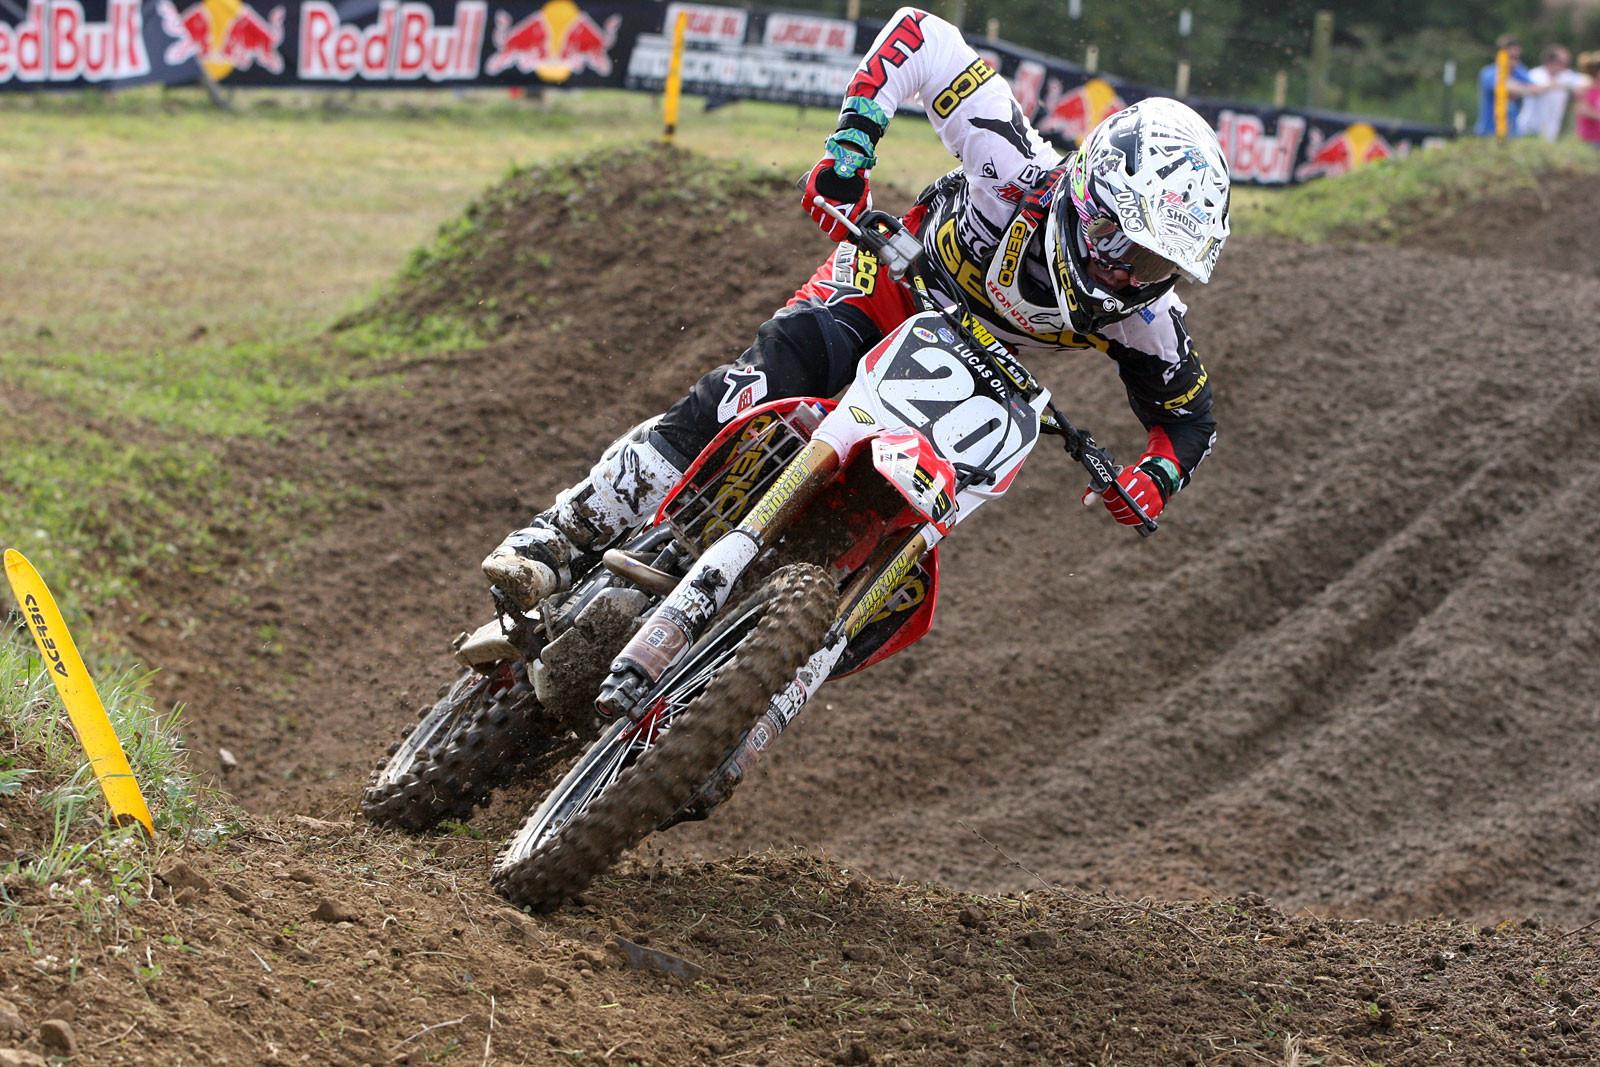 2012 Steel City Motocross National